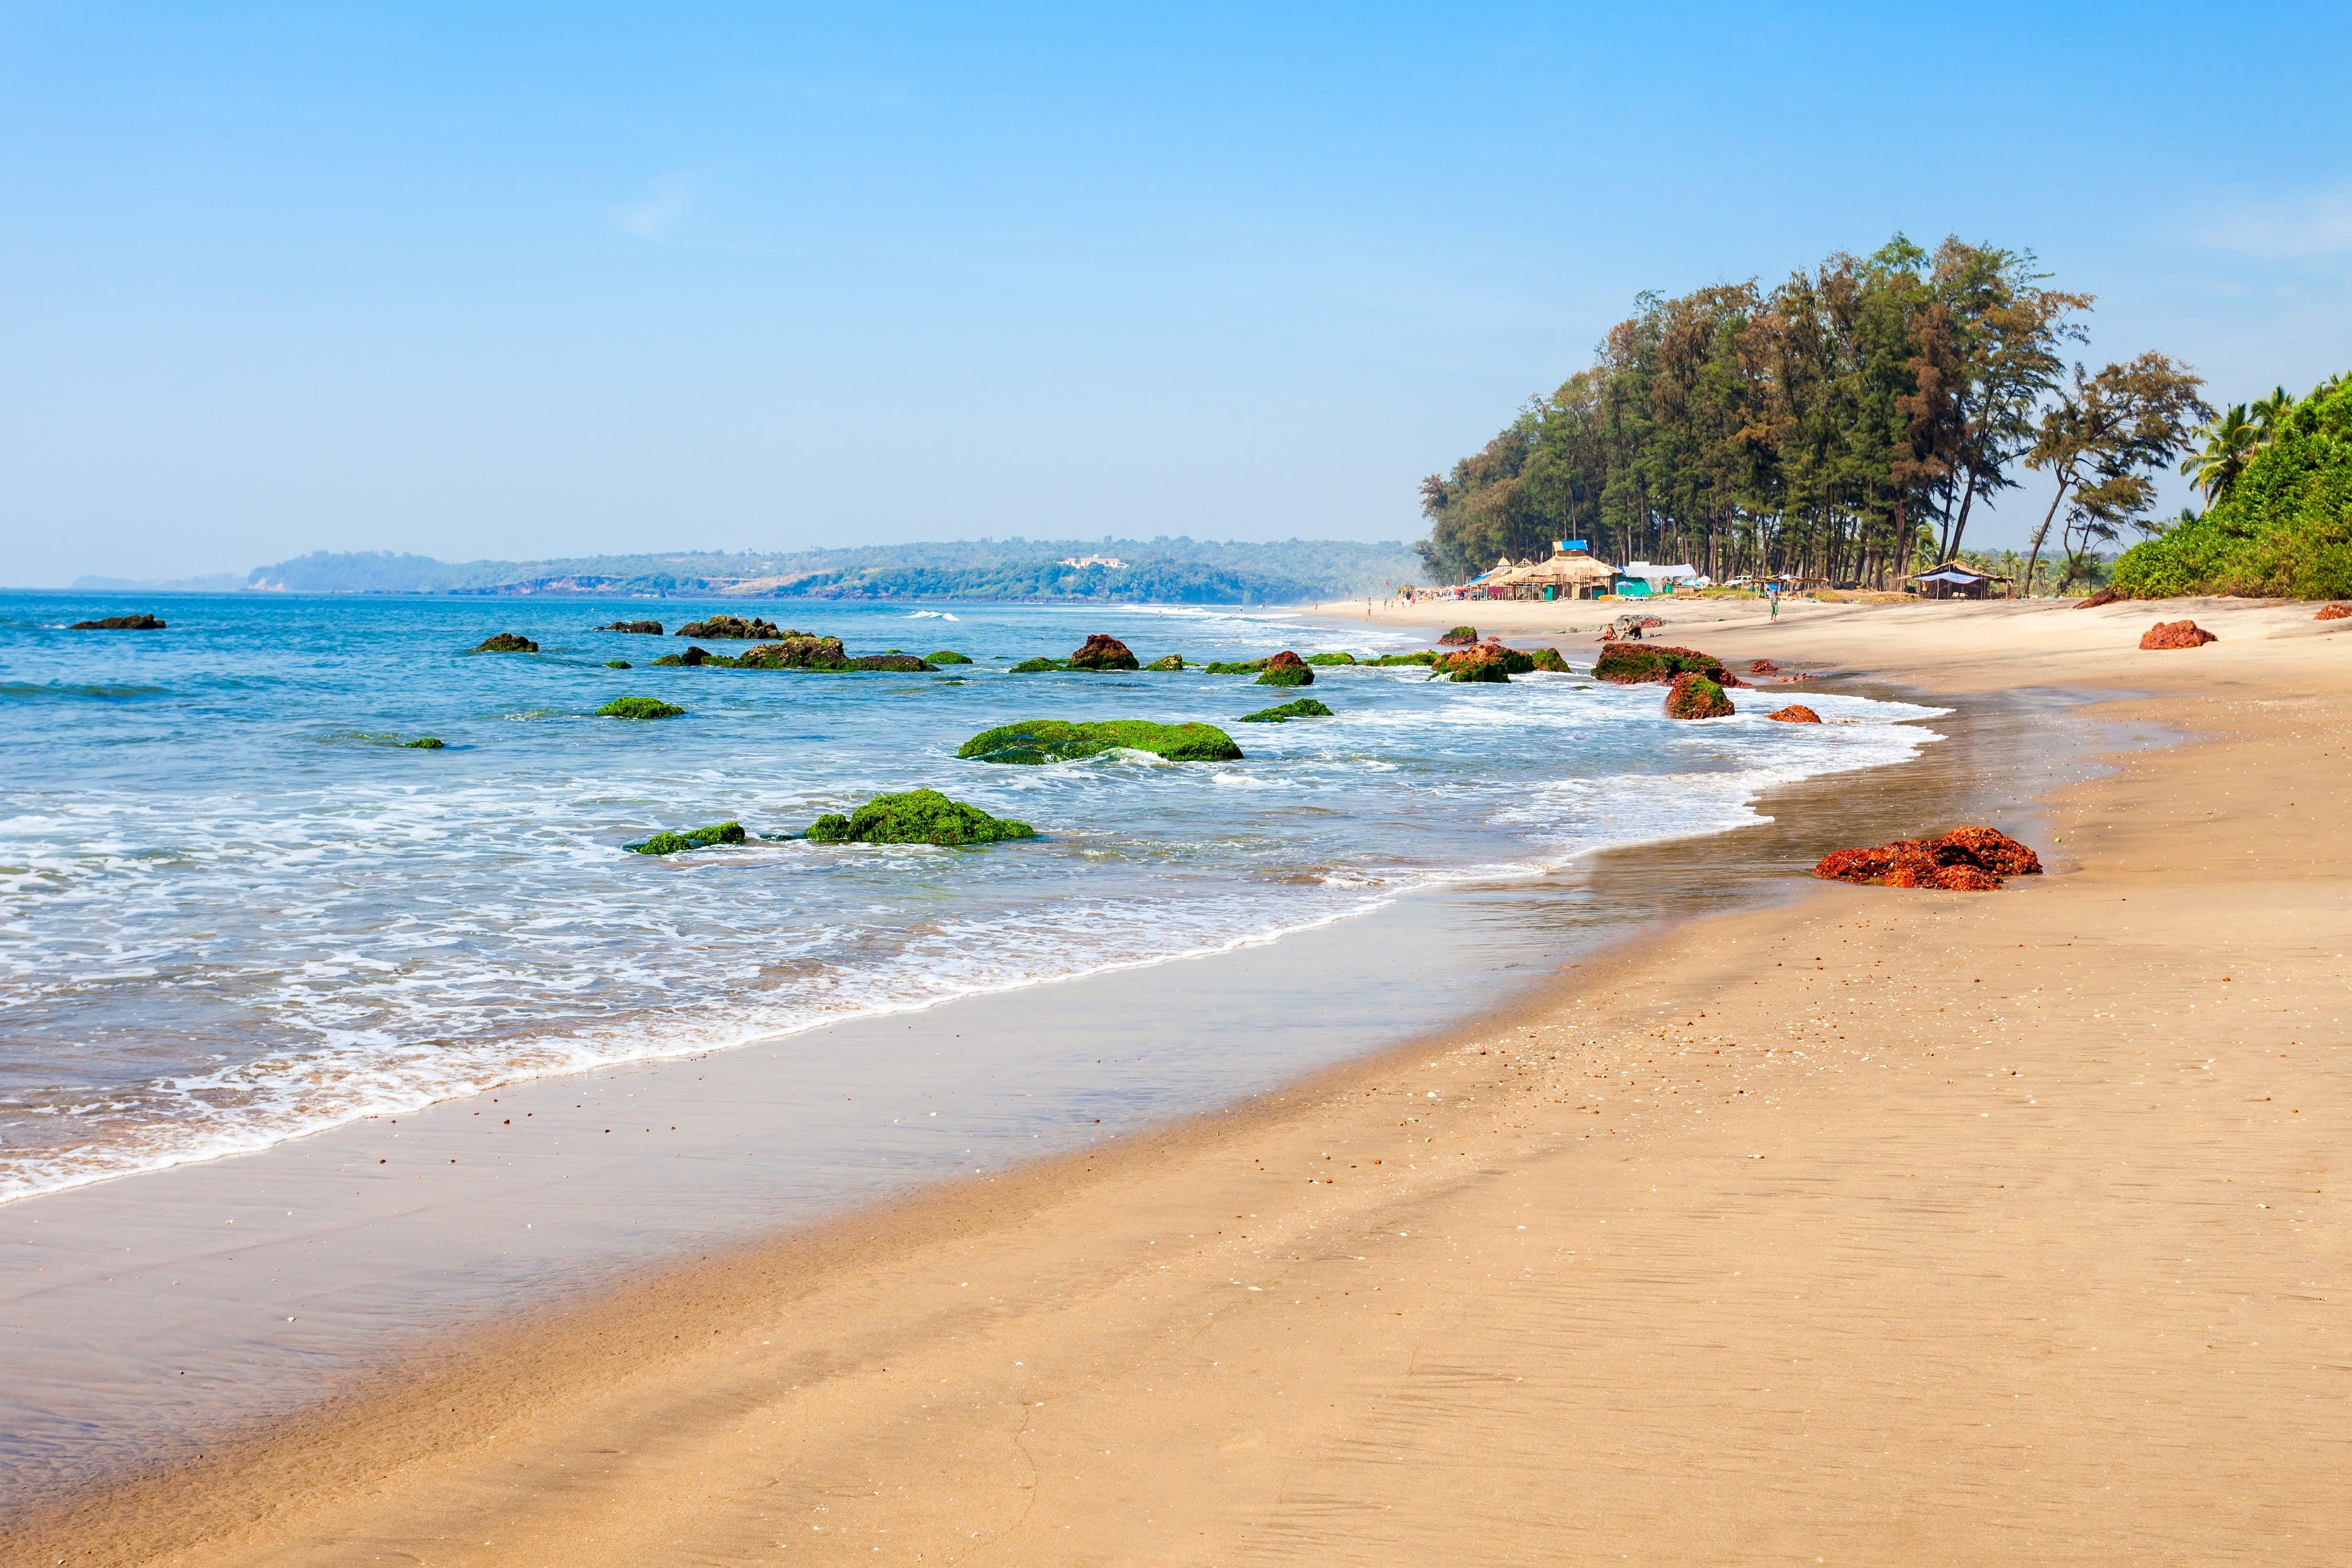 1610015848_873374-Querim_beach_Goa.jpg